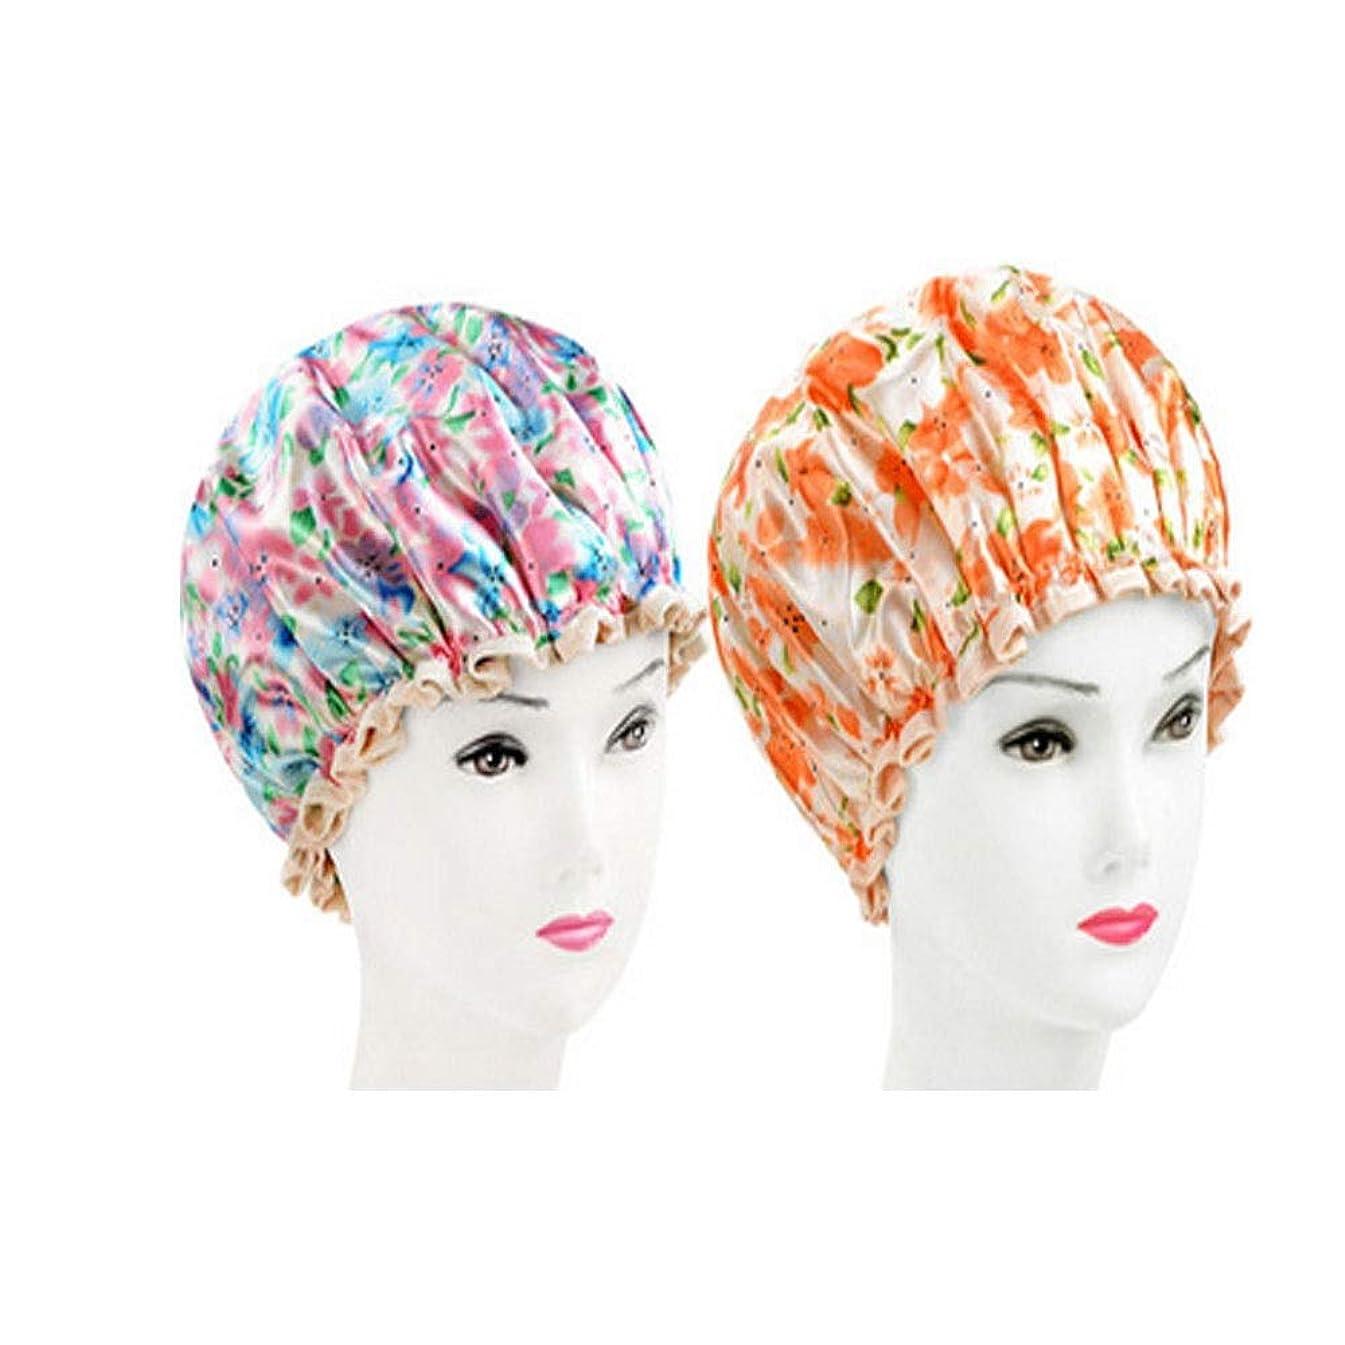 節約スリップ派生するHUCHAOQIXIU シャワーキャップ、レディースシャワーキャップレディース用のすべての髪の長さと太さのデラックスシャワーキャップ - 防水とカビ防止、再利用可能なシャワーキャップ。 (Color : 4)